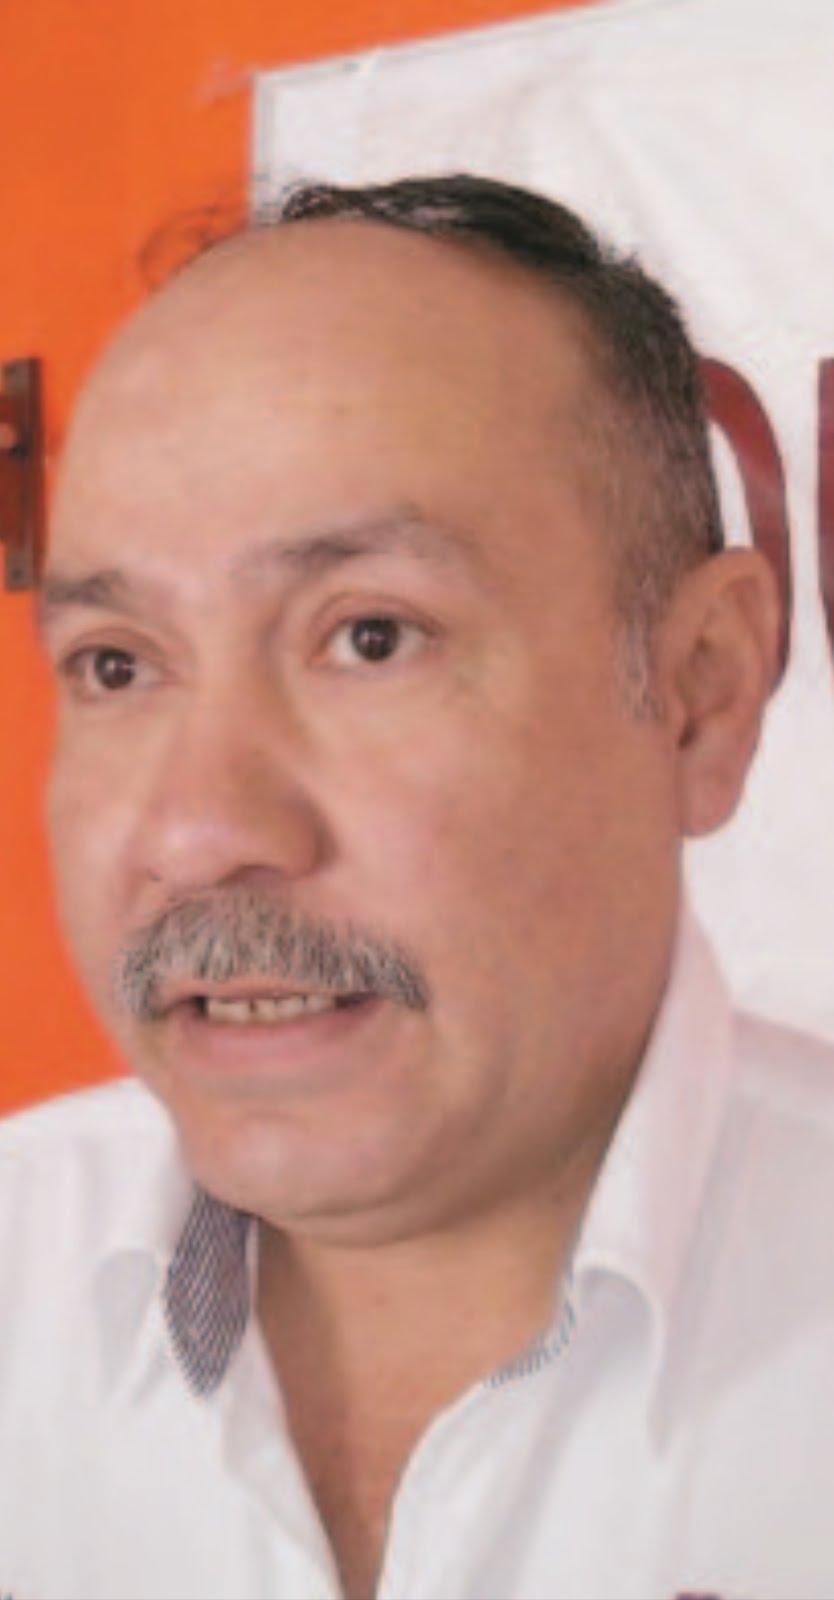 Diario duranguense cita la causa de la destitución del líder de Morena